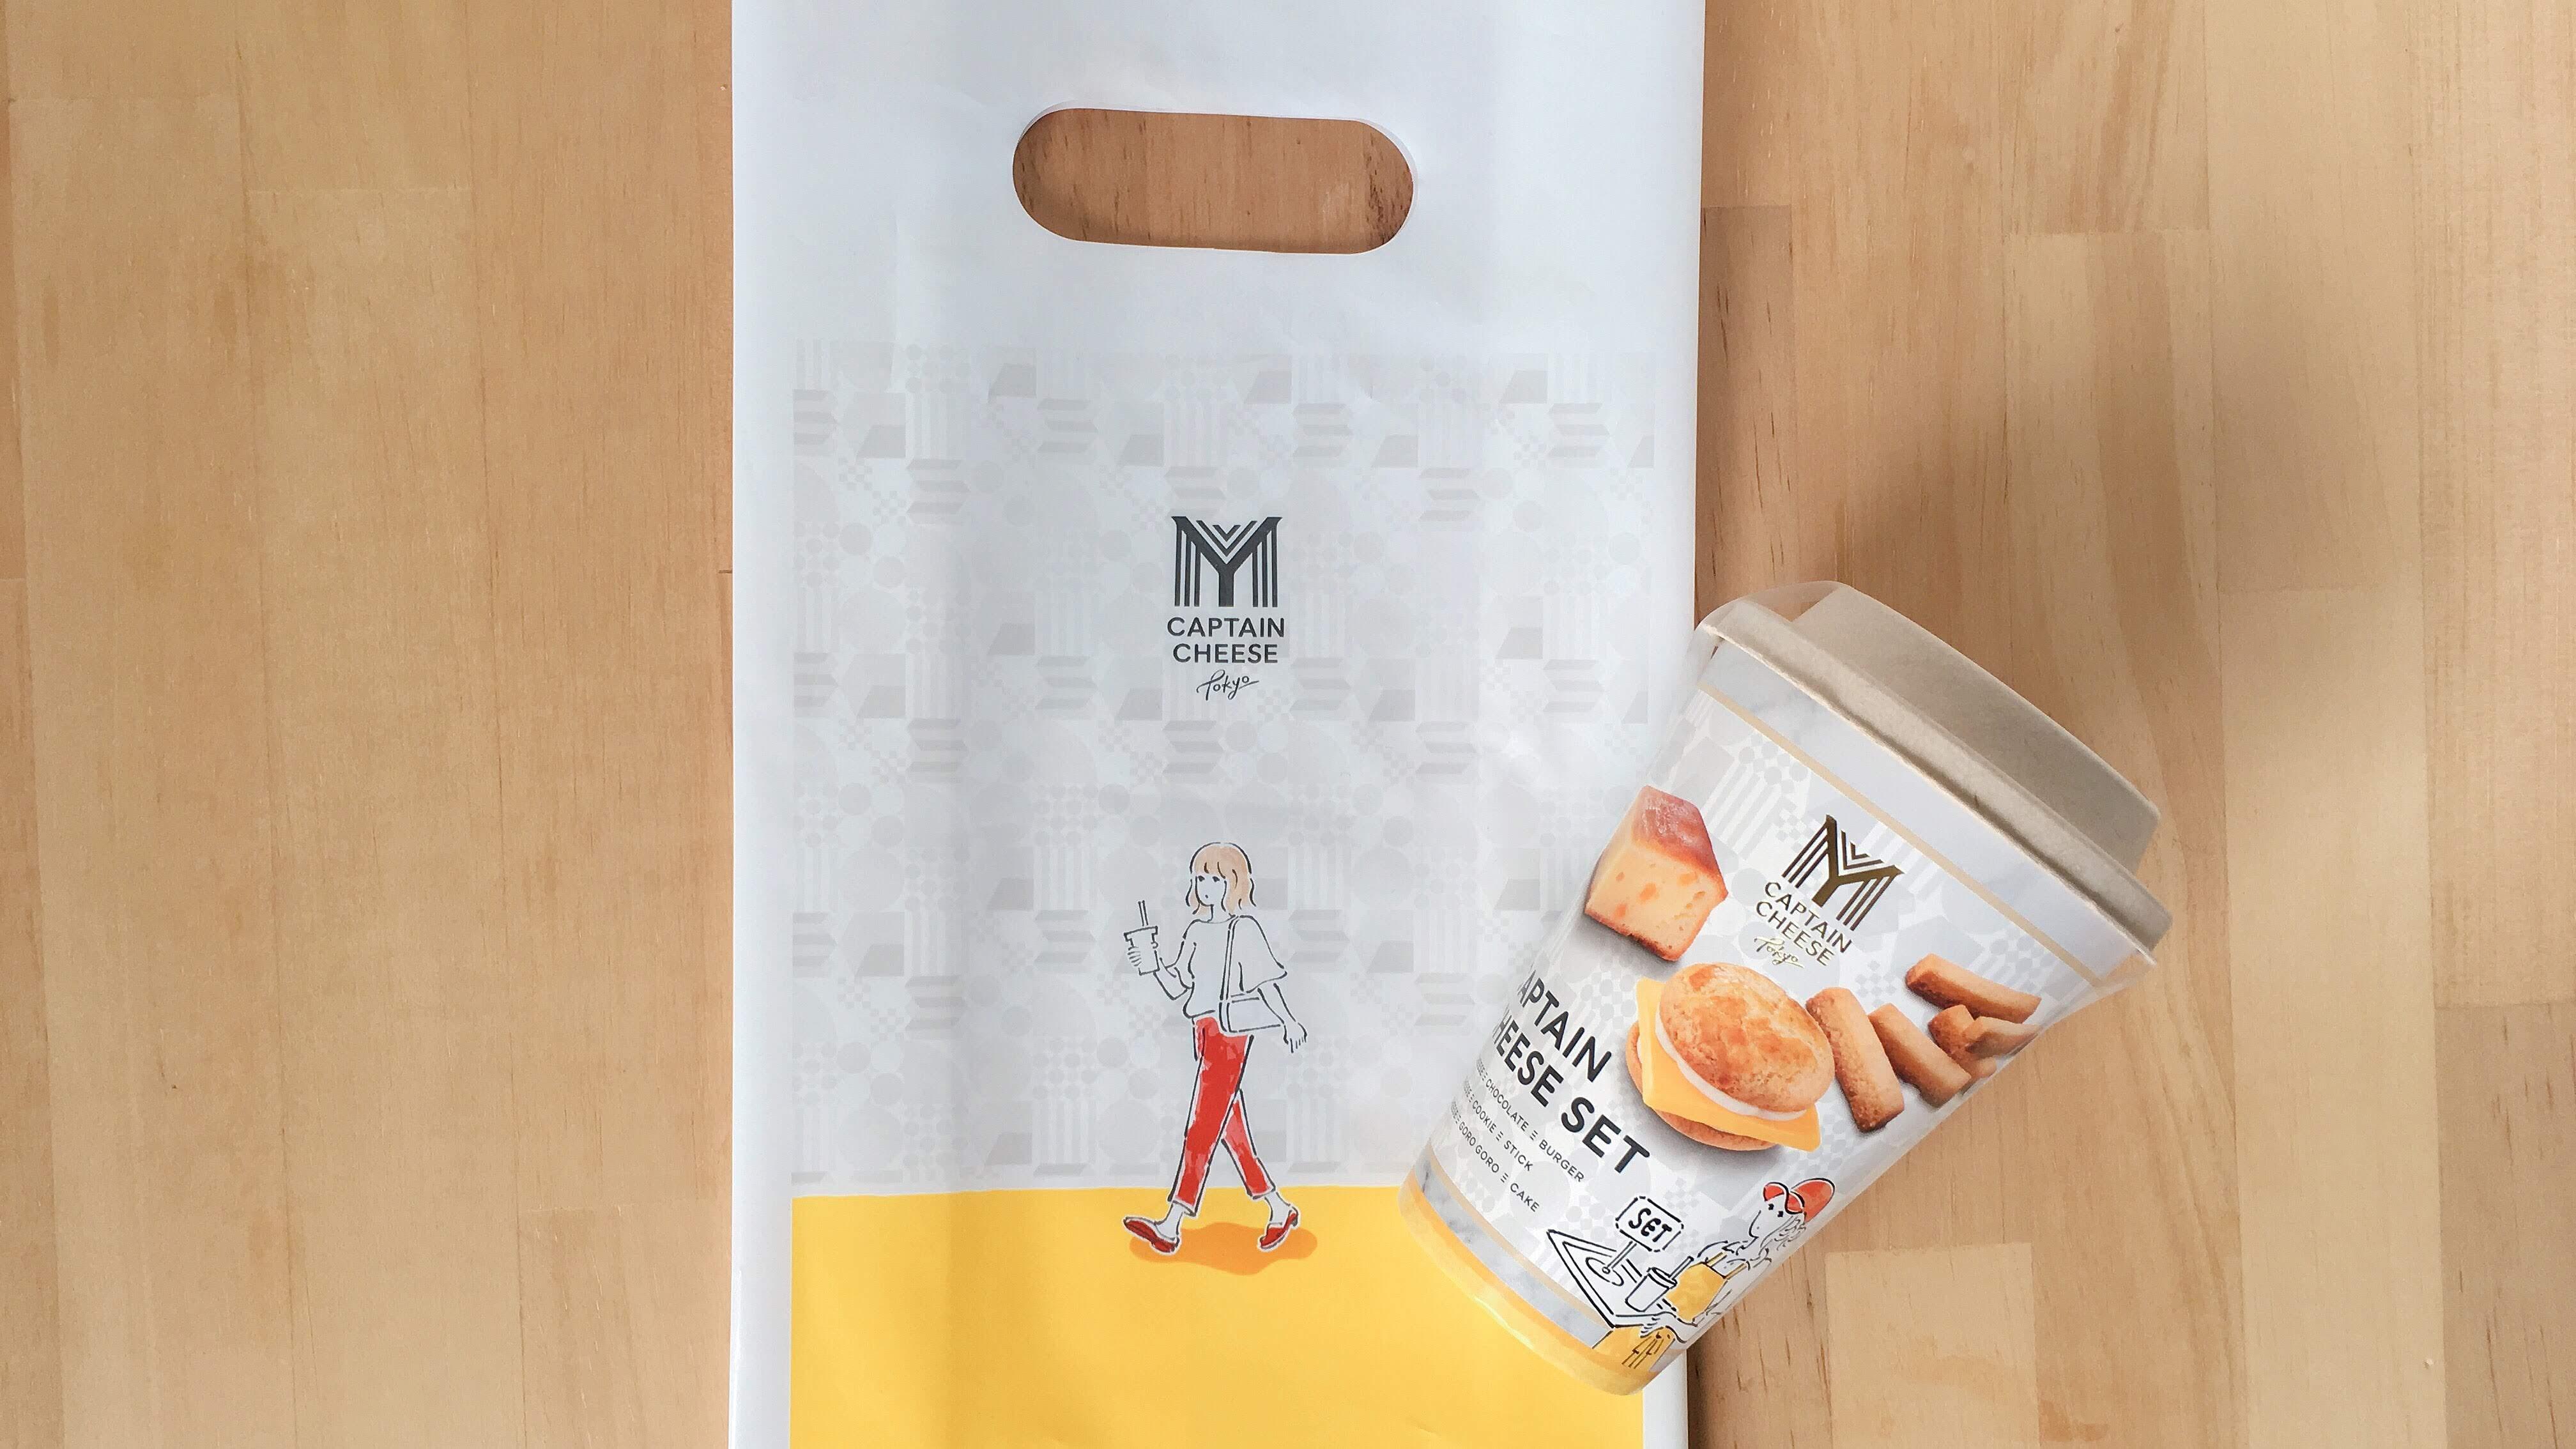 マイキャプテンチーズTOKYOのタンブラー型のかわいいパッケージ